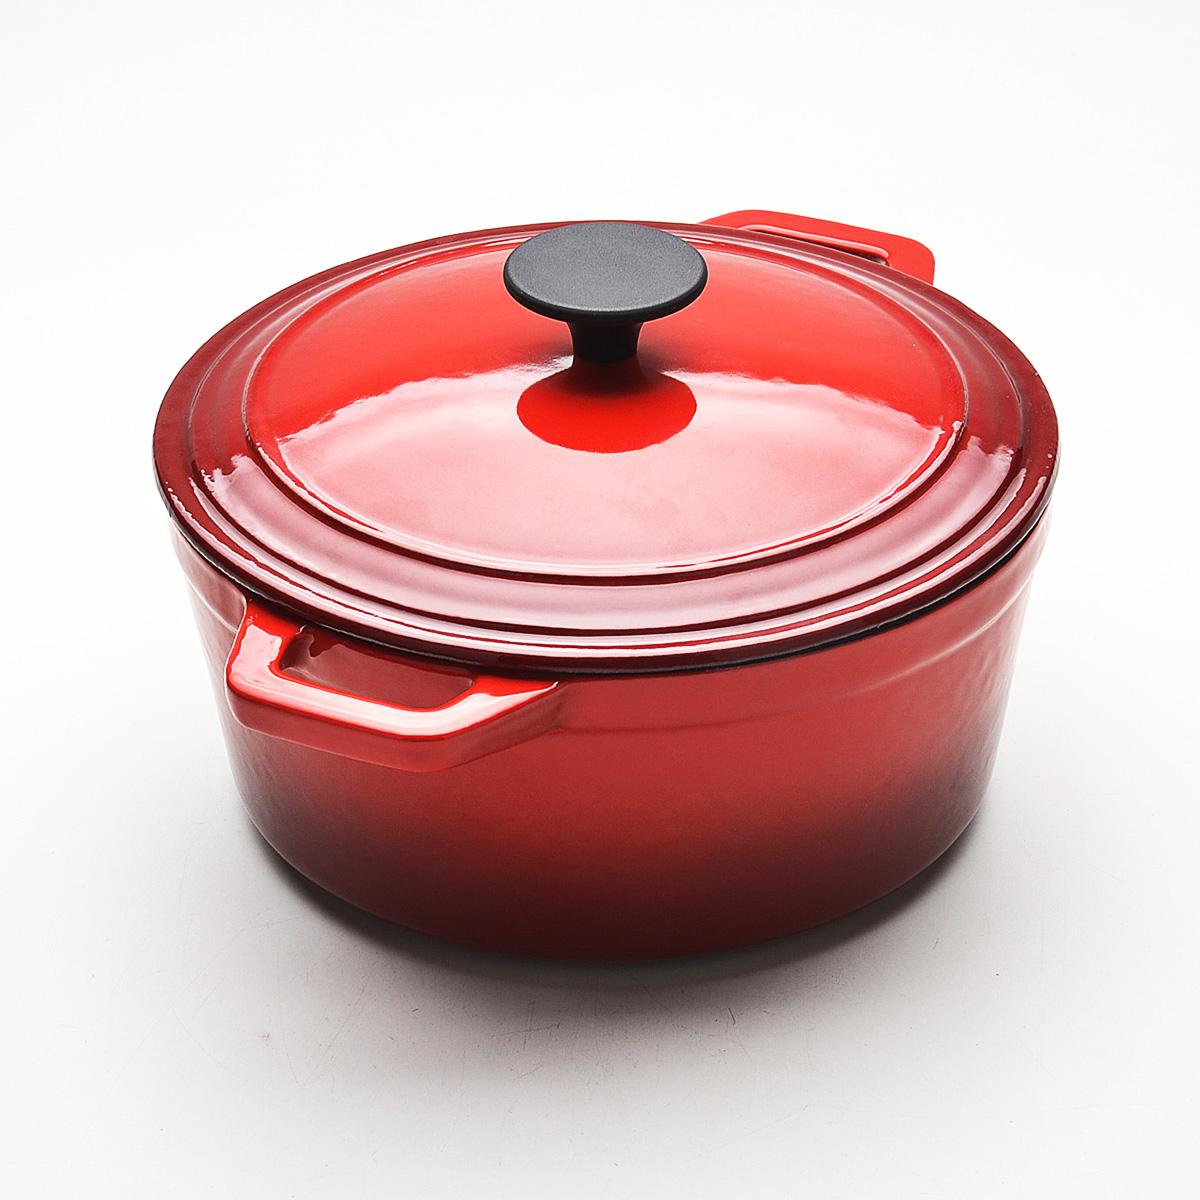 Кастрюля Mayer & Boch с крышкой, с эмалевым покрытием, цвет: красный, 5,6 л54 009312Кастрюля Mayer & Boch, изготовленная из чугуна, идеально подходит для приготовления вкусных тушеных блюд. Она имеет внешнее и внутреннее эмалевое покрытие. Чугун является традиционным высокопрочным, экологически чистым материалом. Его главной особенностью является то, что эмаль наносится с внешней стороны изделия, а внутри - керамическое покрытие. Причем, чем дольше и чаще вы пользуетесь этой посудой, тем лучше становятся ее свойства. Высокая теплоемкость чугуна позволяет ему сильно нагреваться и медленно остывать, а это в свою очередь обеспечивает равномерное приготовление пищи. Чугун не вступает в какие-либо химические реакции с пищей в процессе приготовления и хранения, а плотное покрытие - безупречное препятствие для бактерий и запахов. Пища, приготовленная в чугунной посуде, благодаря экологической чистоте материала не может нанести вред здоровью человека. Кастрюля оснащена двумя удобными ручками. К кастрюле прилагается чугунная крышка с пластиковой ручкой, которая плотно прилегает к краям кастрюли, сохраняя аромат блюд. Кастрюлю Mayer & Boch можно использовать на всех типах плит, включая индукционные. Также изделие можно мыть в посудомоечной машине. Ширина кастрюли с учетом ручек: 35 см.Высота кастрюли (без учета крышки): 12 см.Толщина стенки: 4 мм. Толщина дна: 5 мм. Диаметр: 27 см.